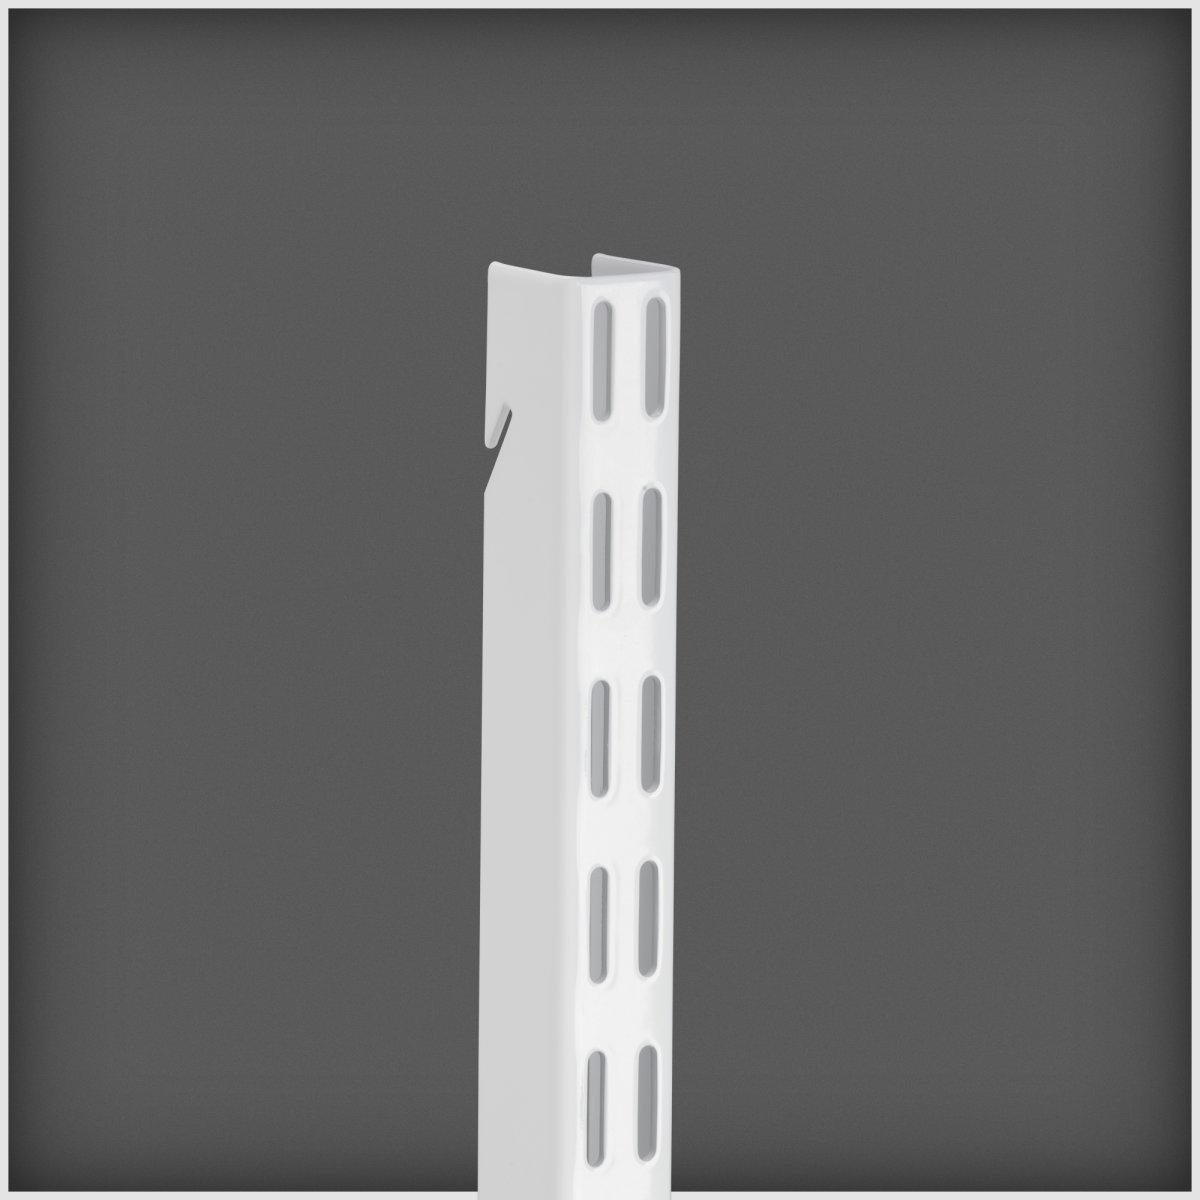 Elfa hængeskinne, længde 2140 mm, hvid